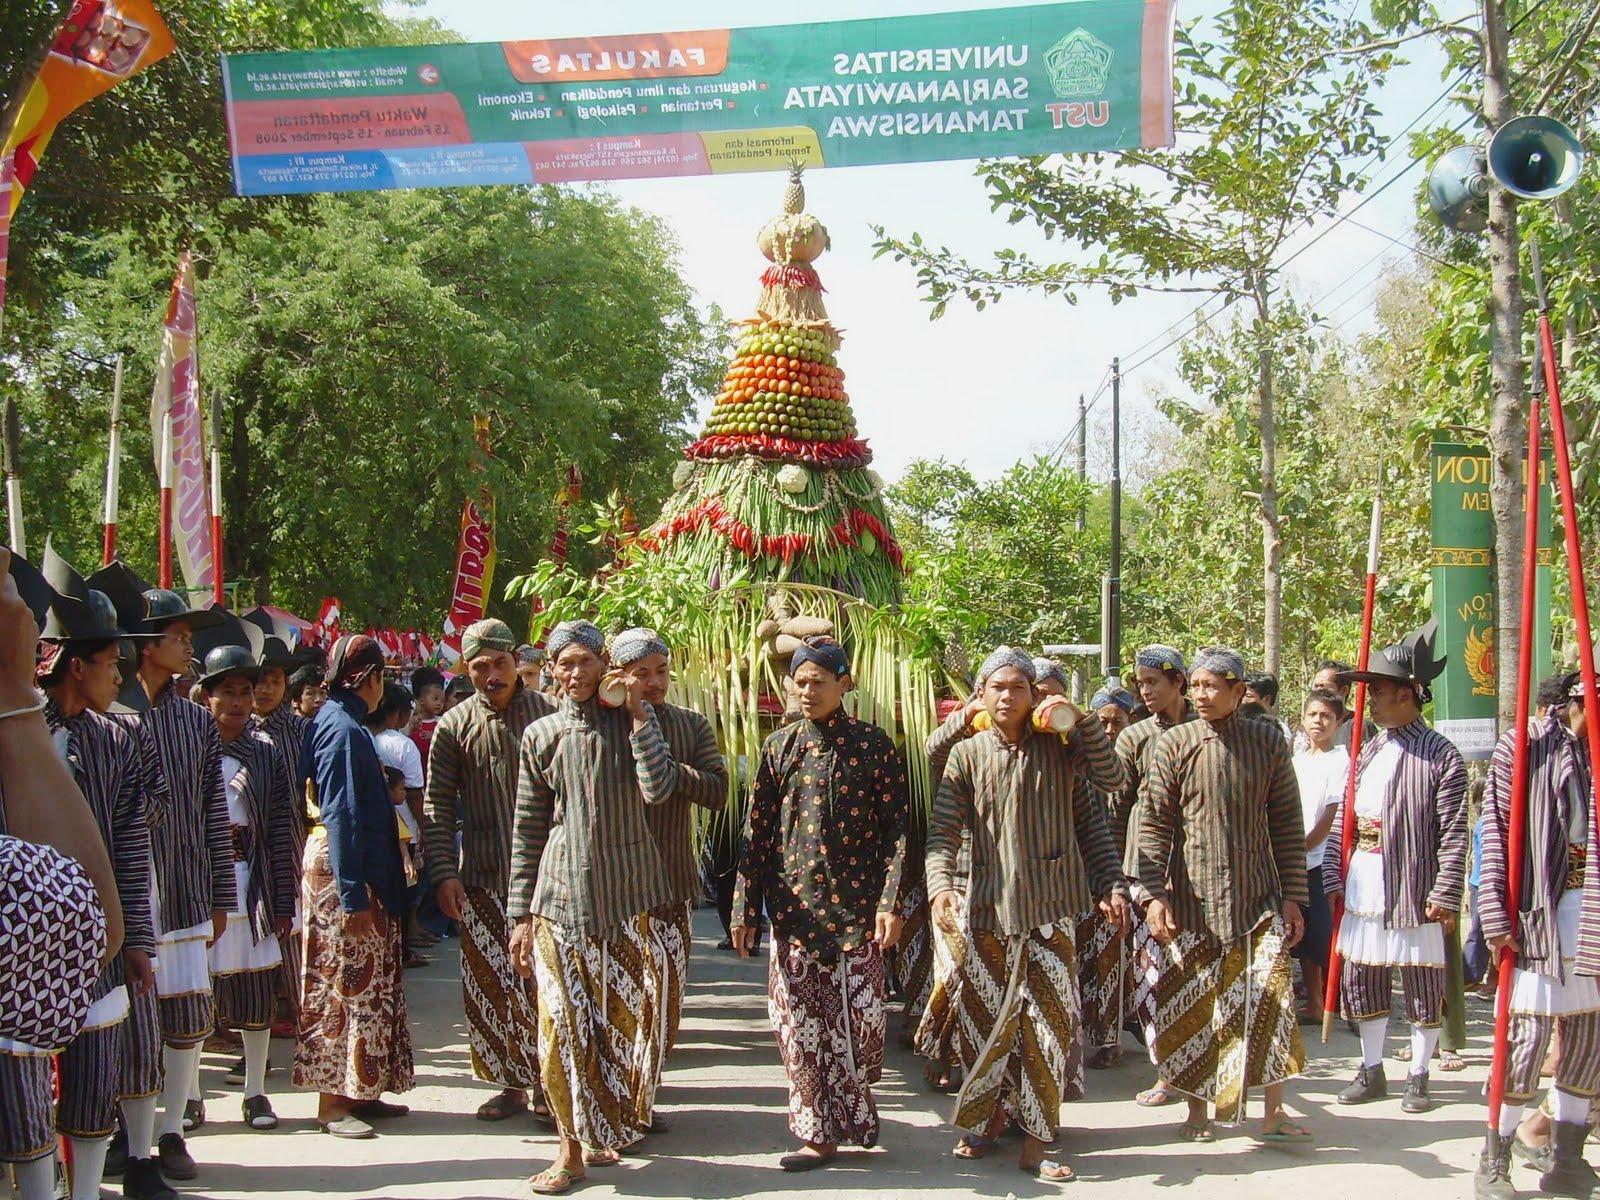 Beragam Kegiatan Menarik Desa Wisata Krebet Yogyakarta Batik Kayu Kab